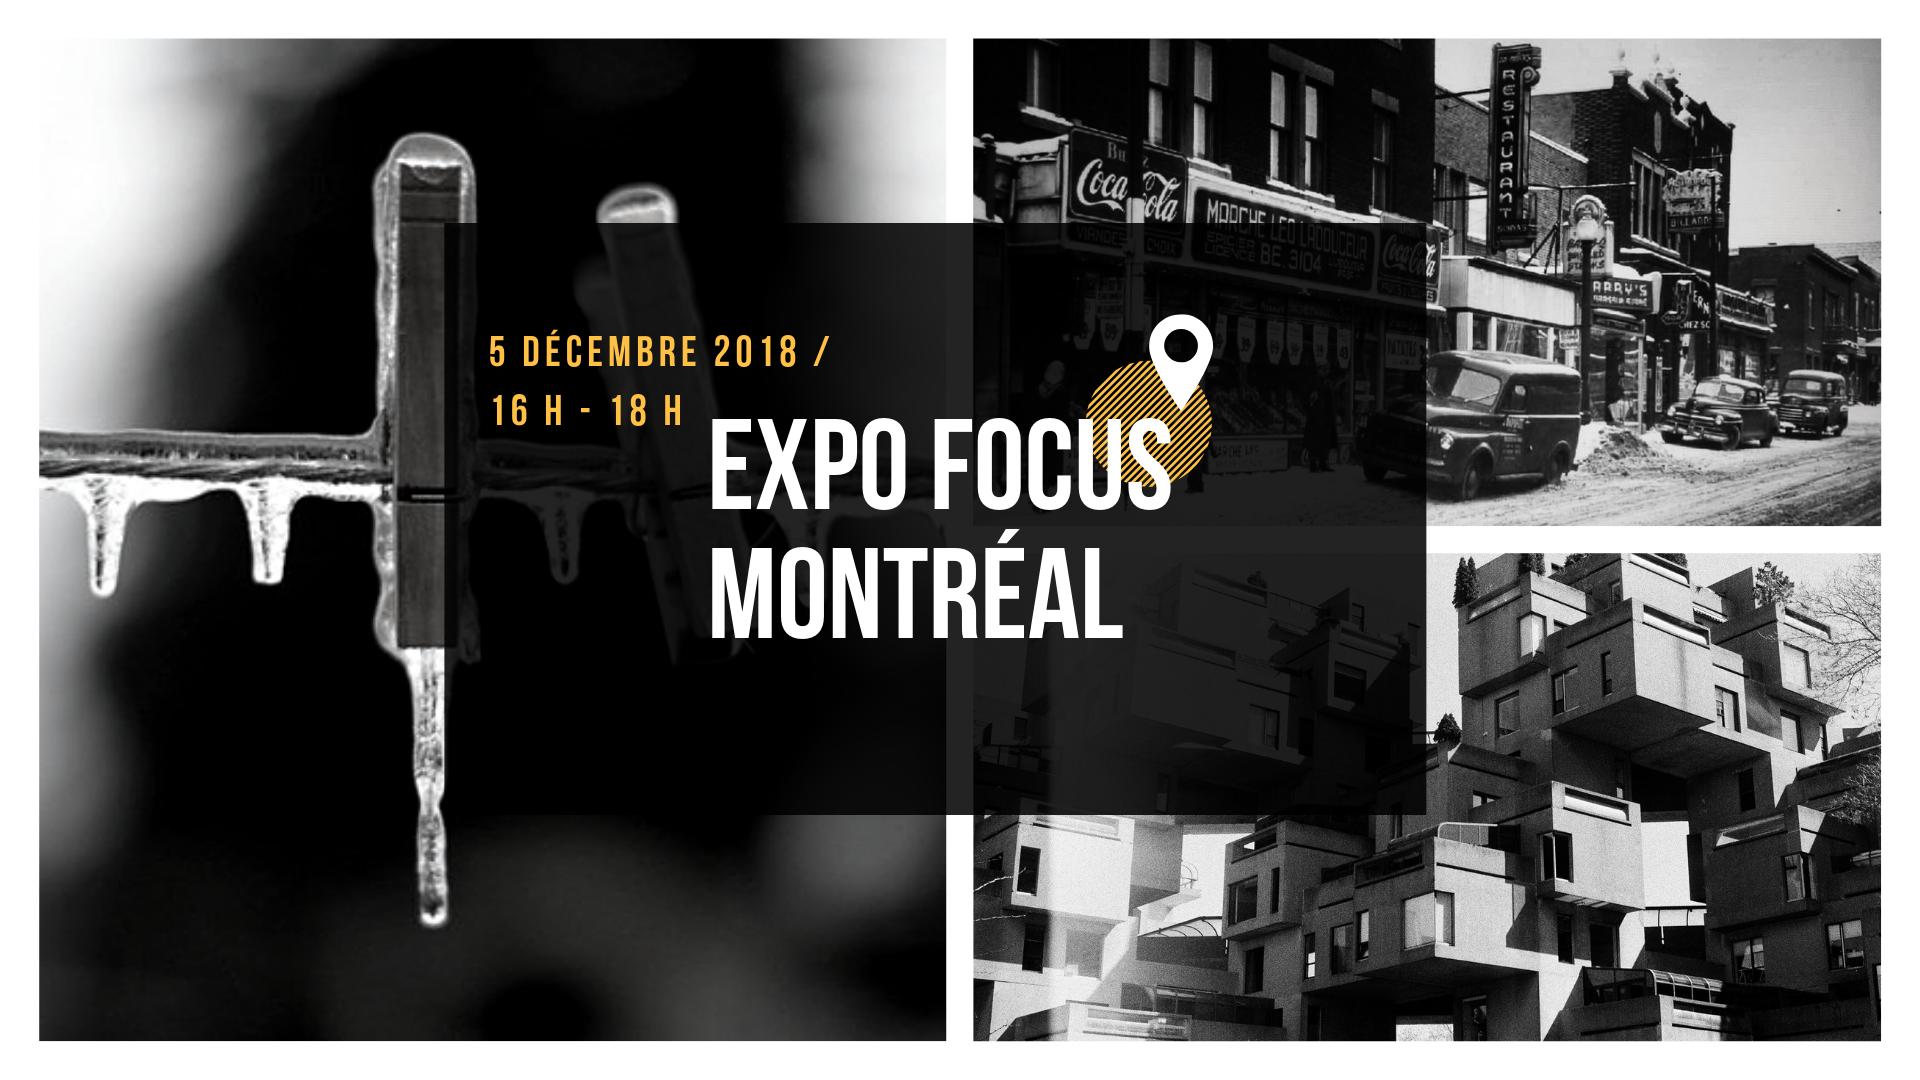 Image Expo Focus Montréal